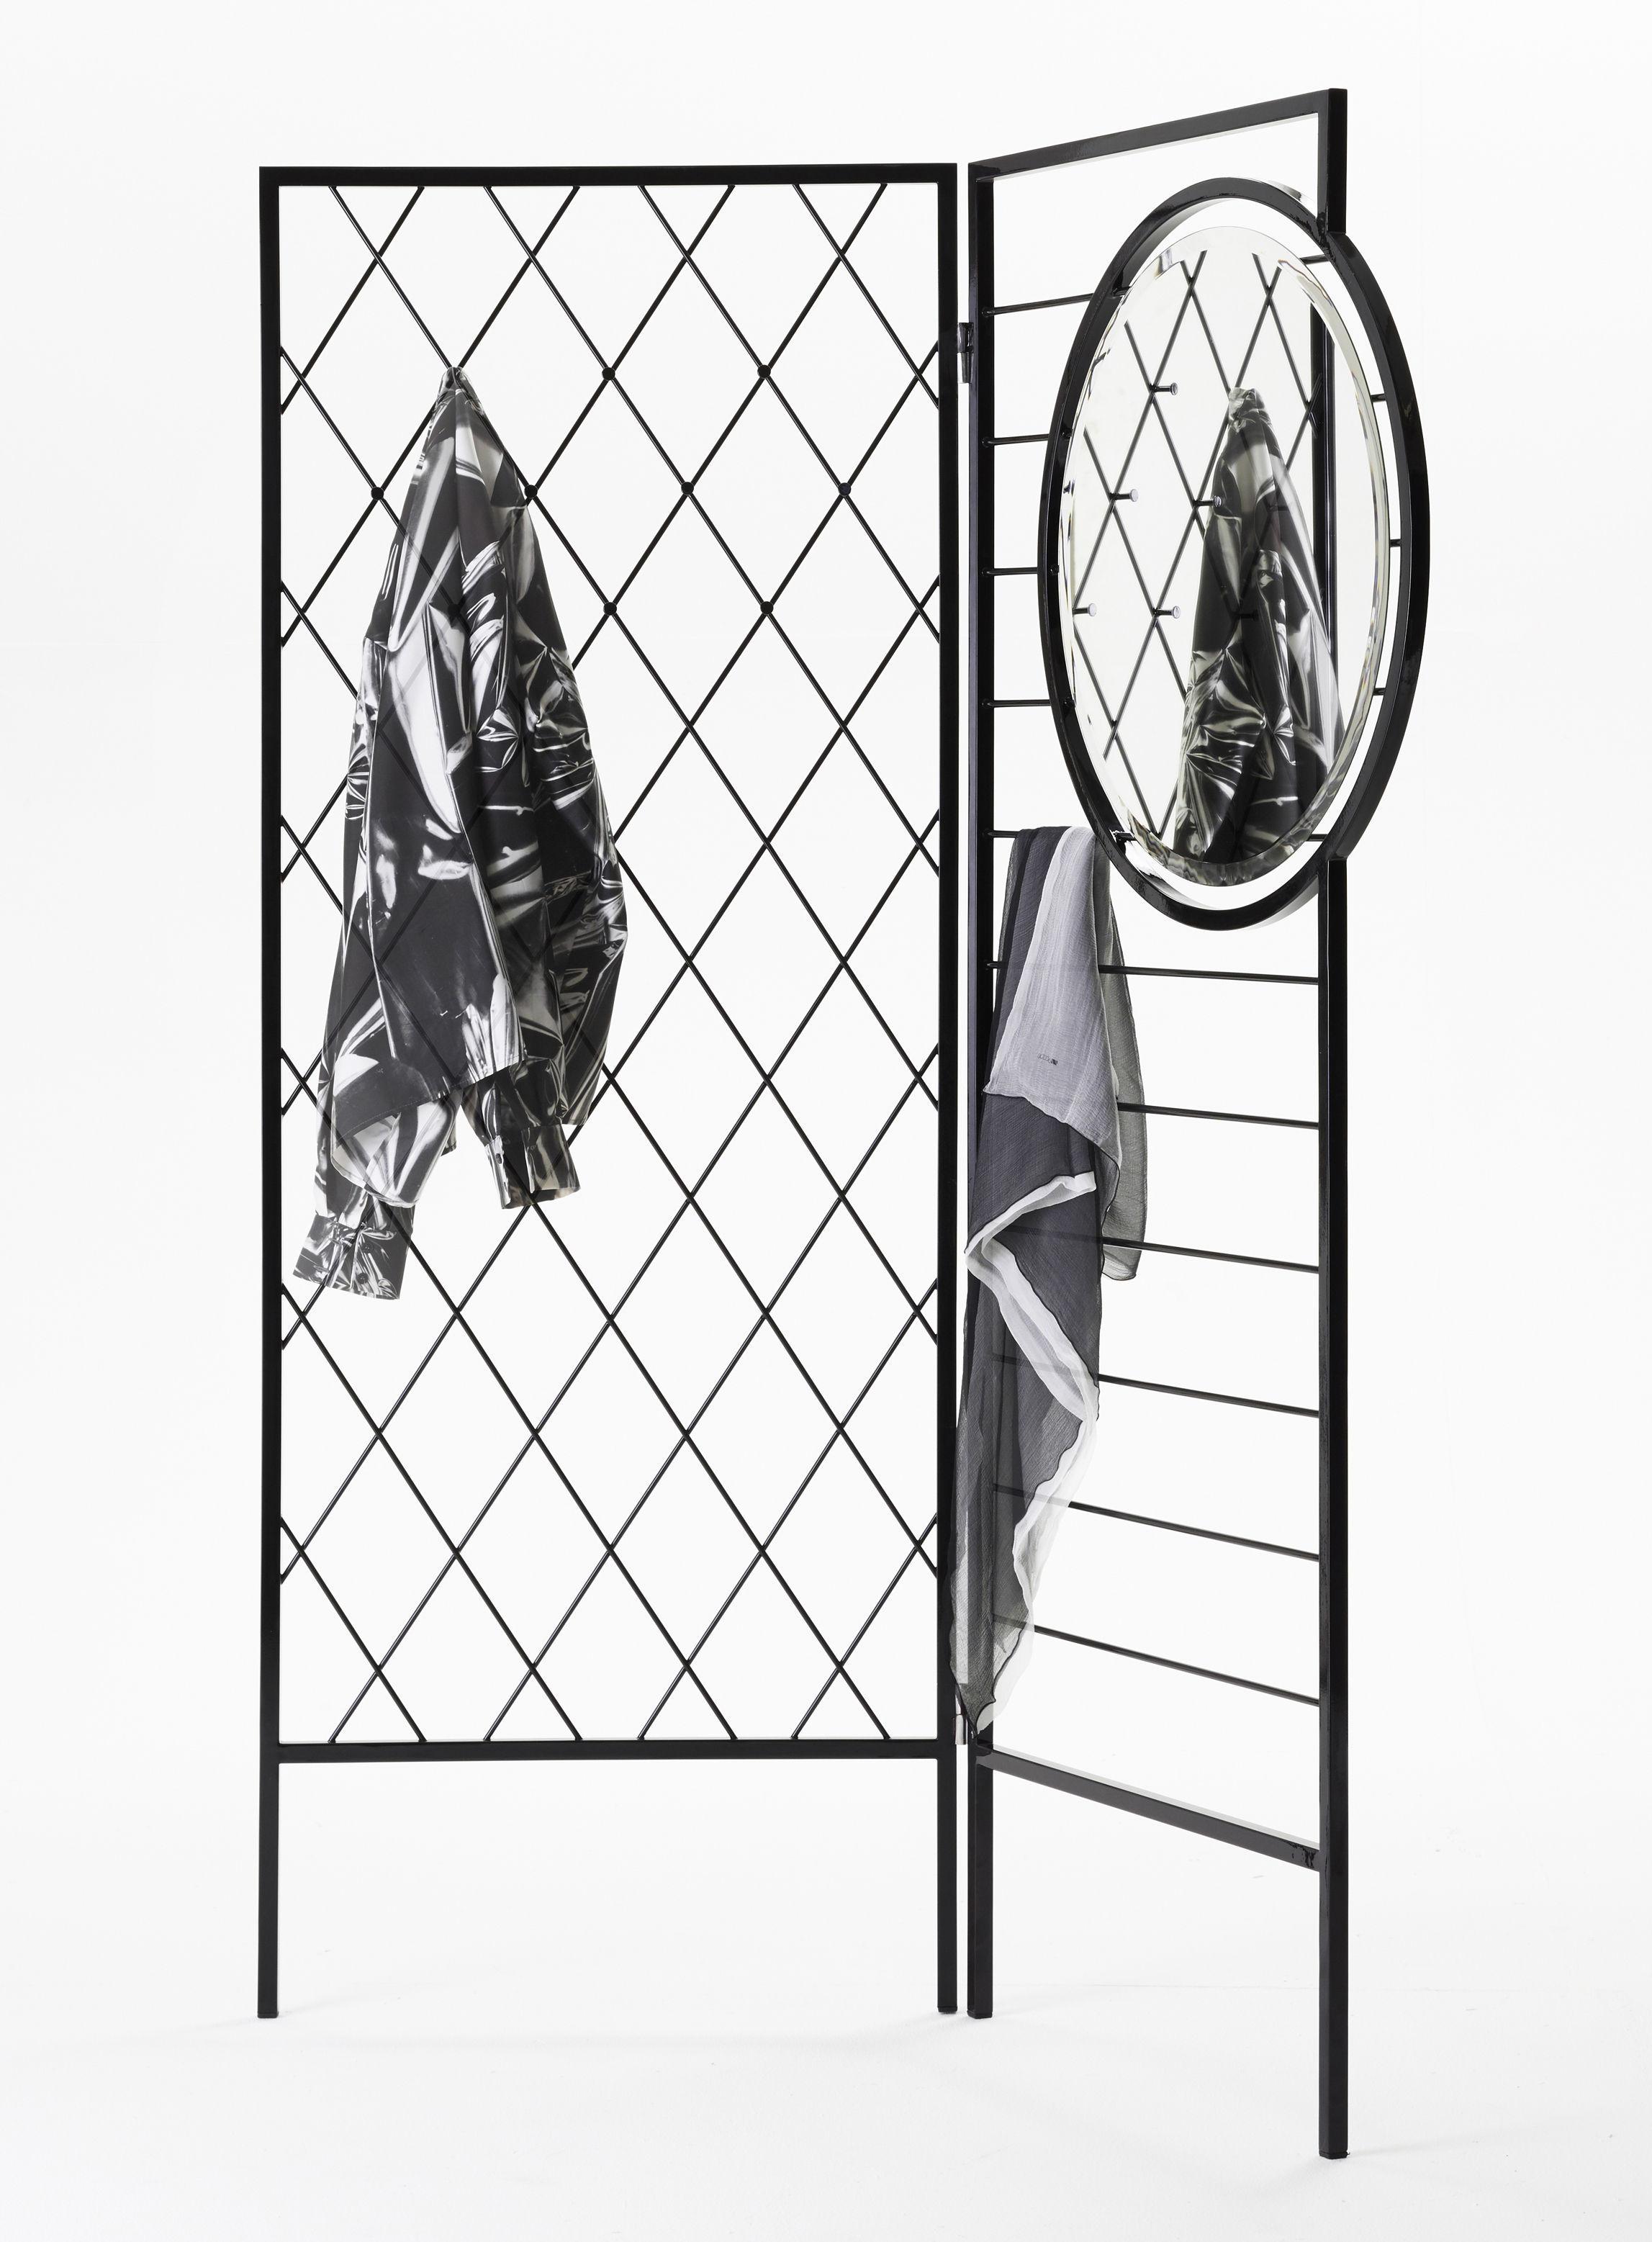 apparel kleiderst nder mit integriertem spiegel. Black Bedroom Furniture Sets. Home Design Ideas